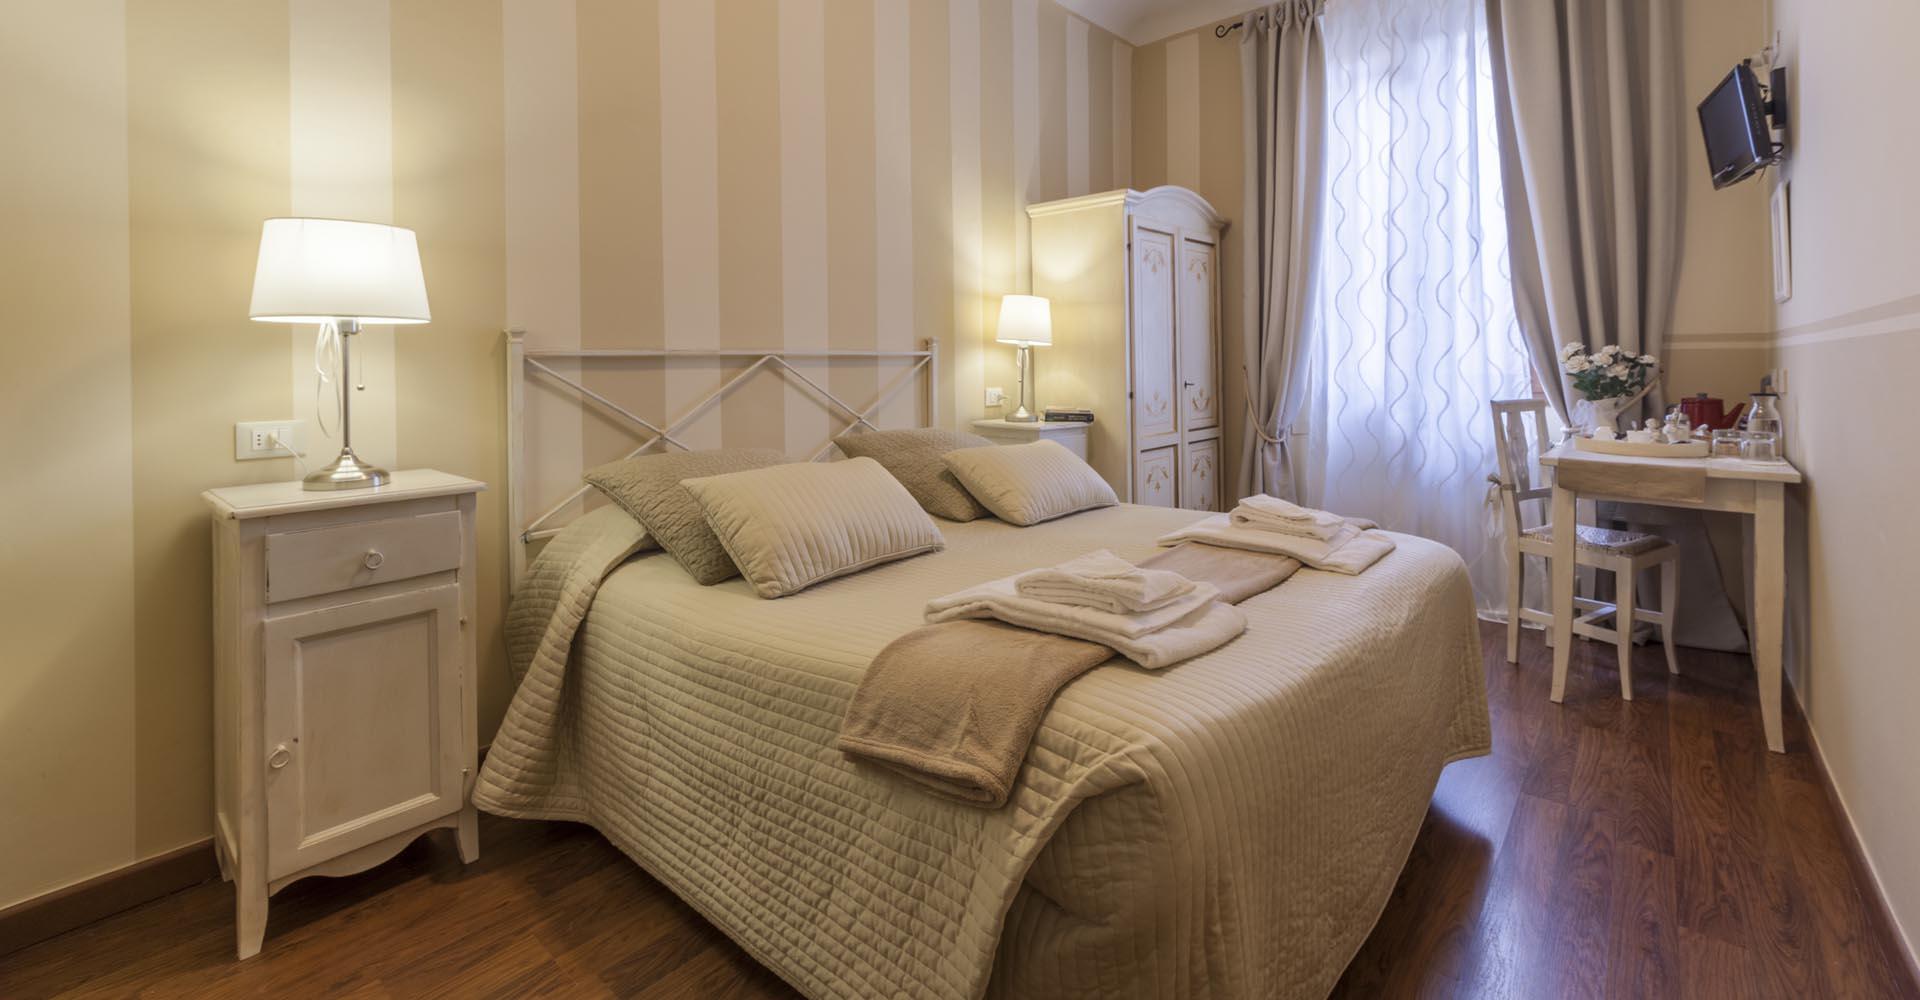 bed and breakfast in florence soggiorno pezzati rh soggiornopezzati it